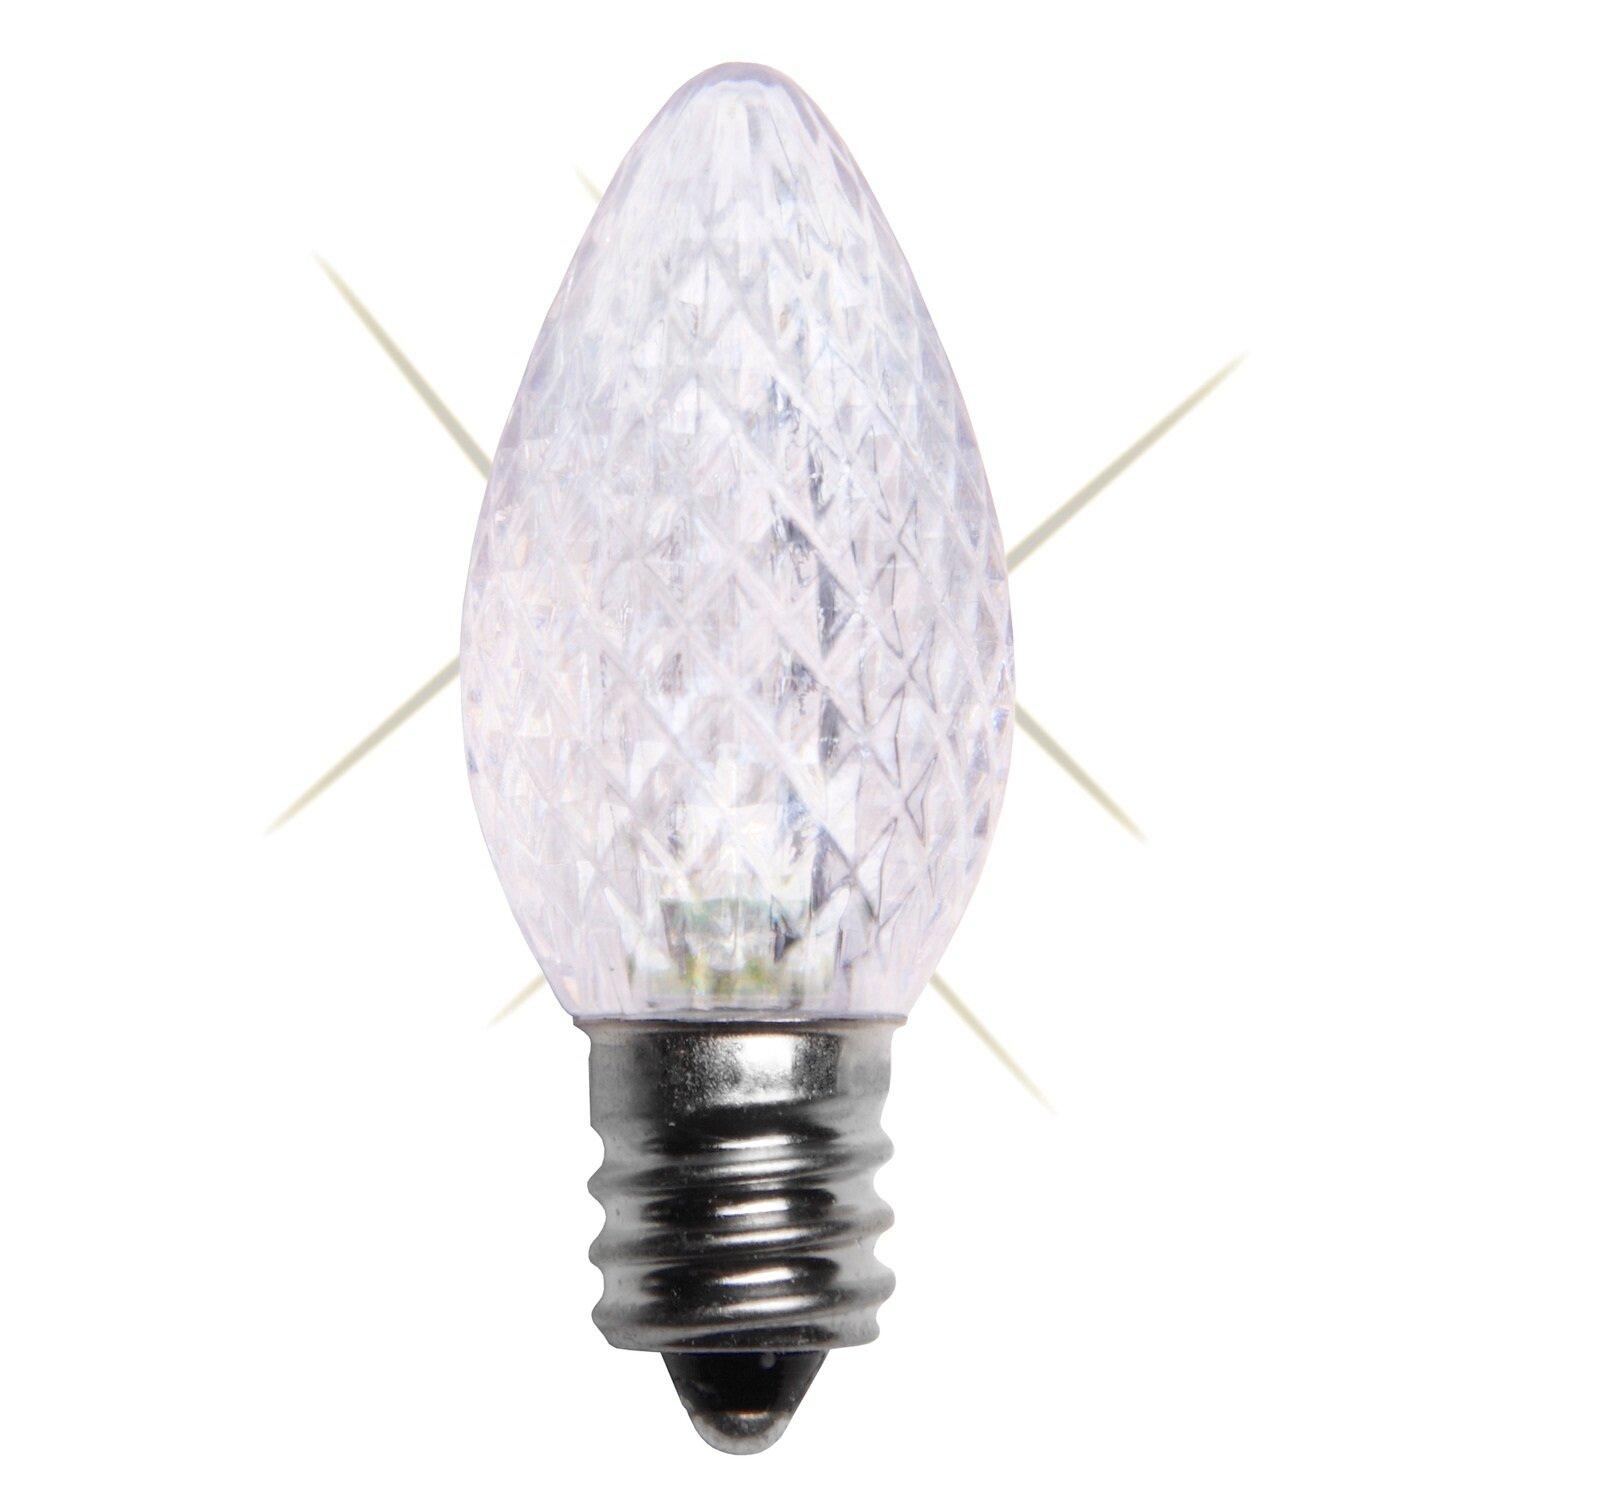 Wintergreen Lighting 0.96W 130-Volt LED Light Bulb (Pack of 25 ...